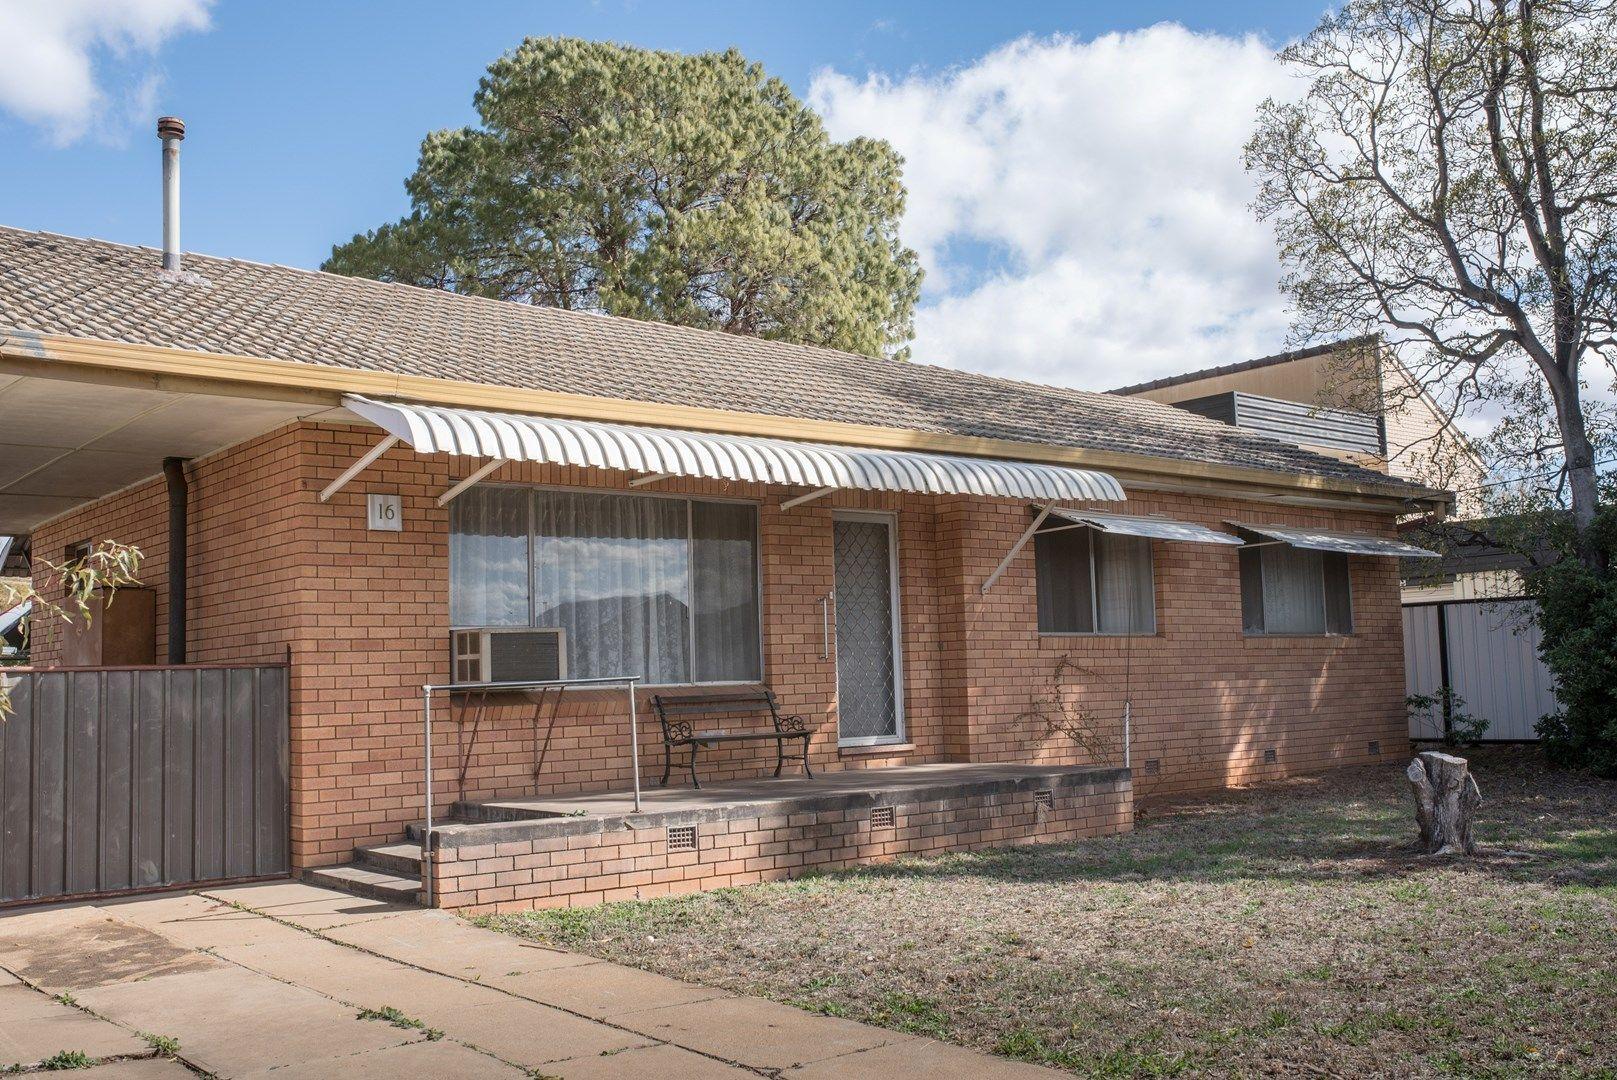 16 Elizabeth Street, Dubbo NSW 2830, Image 0